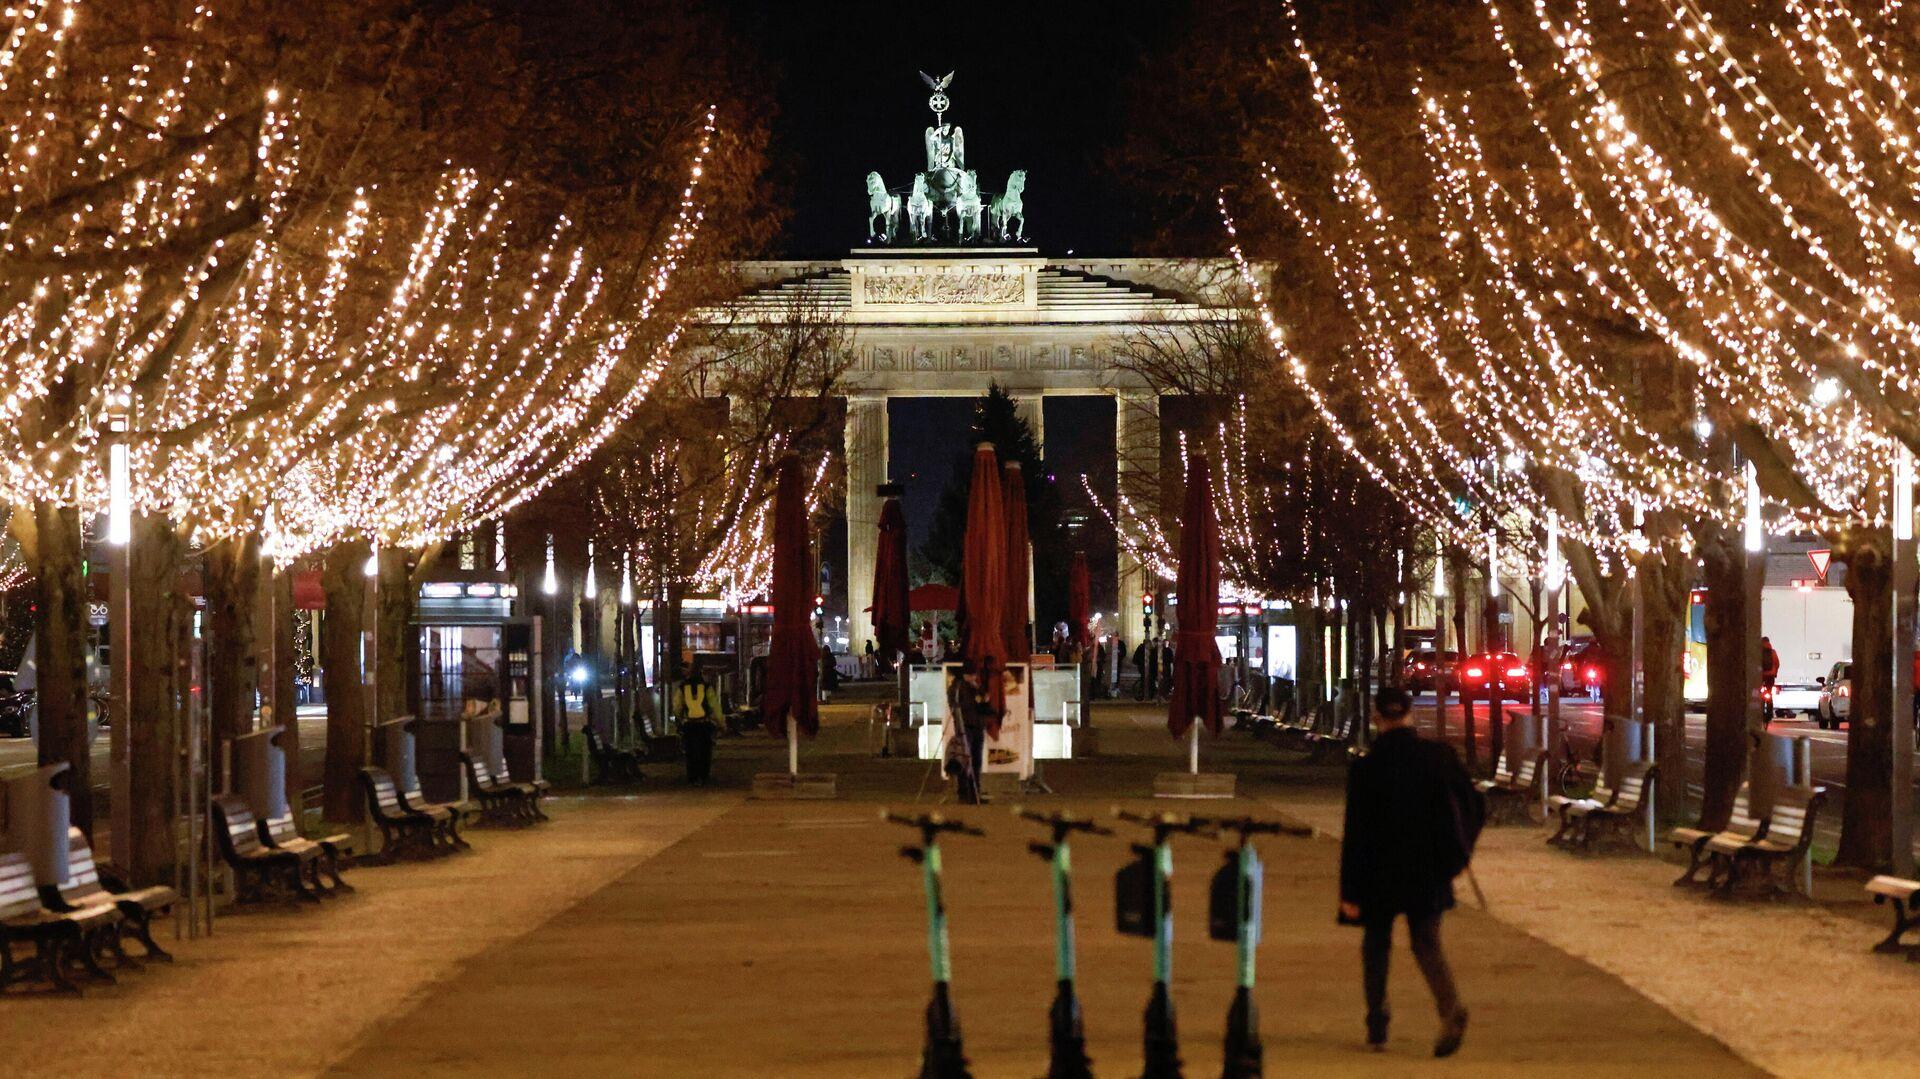 Weihnachtsbeleuchtung in Berlin - SNA, 1920, 12.12.2020